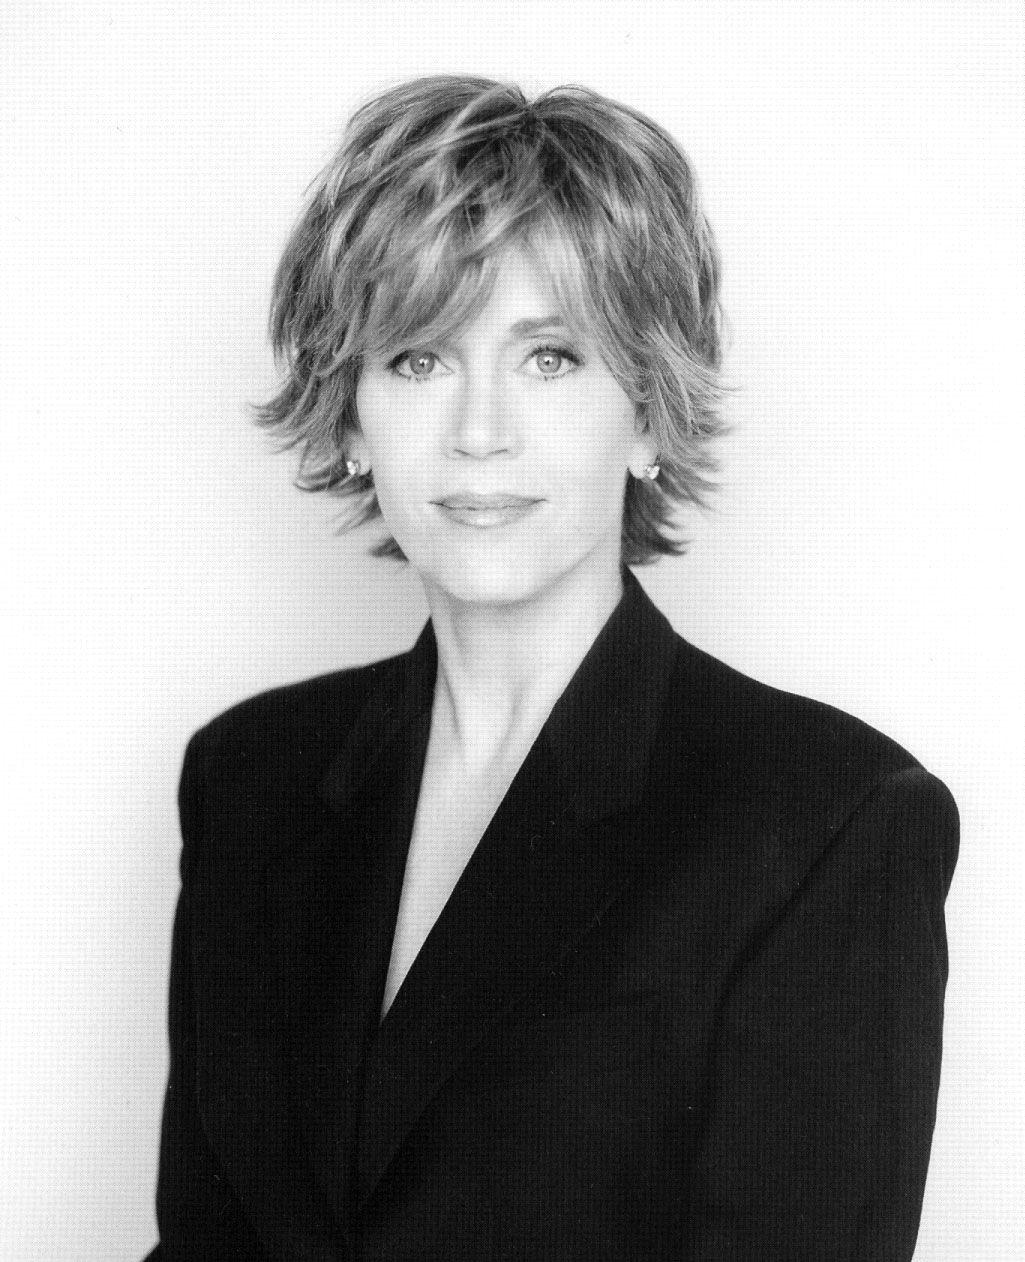 Jane Fonda Her Famous Hair Style Frisuren Pinterest Frisuren